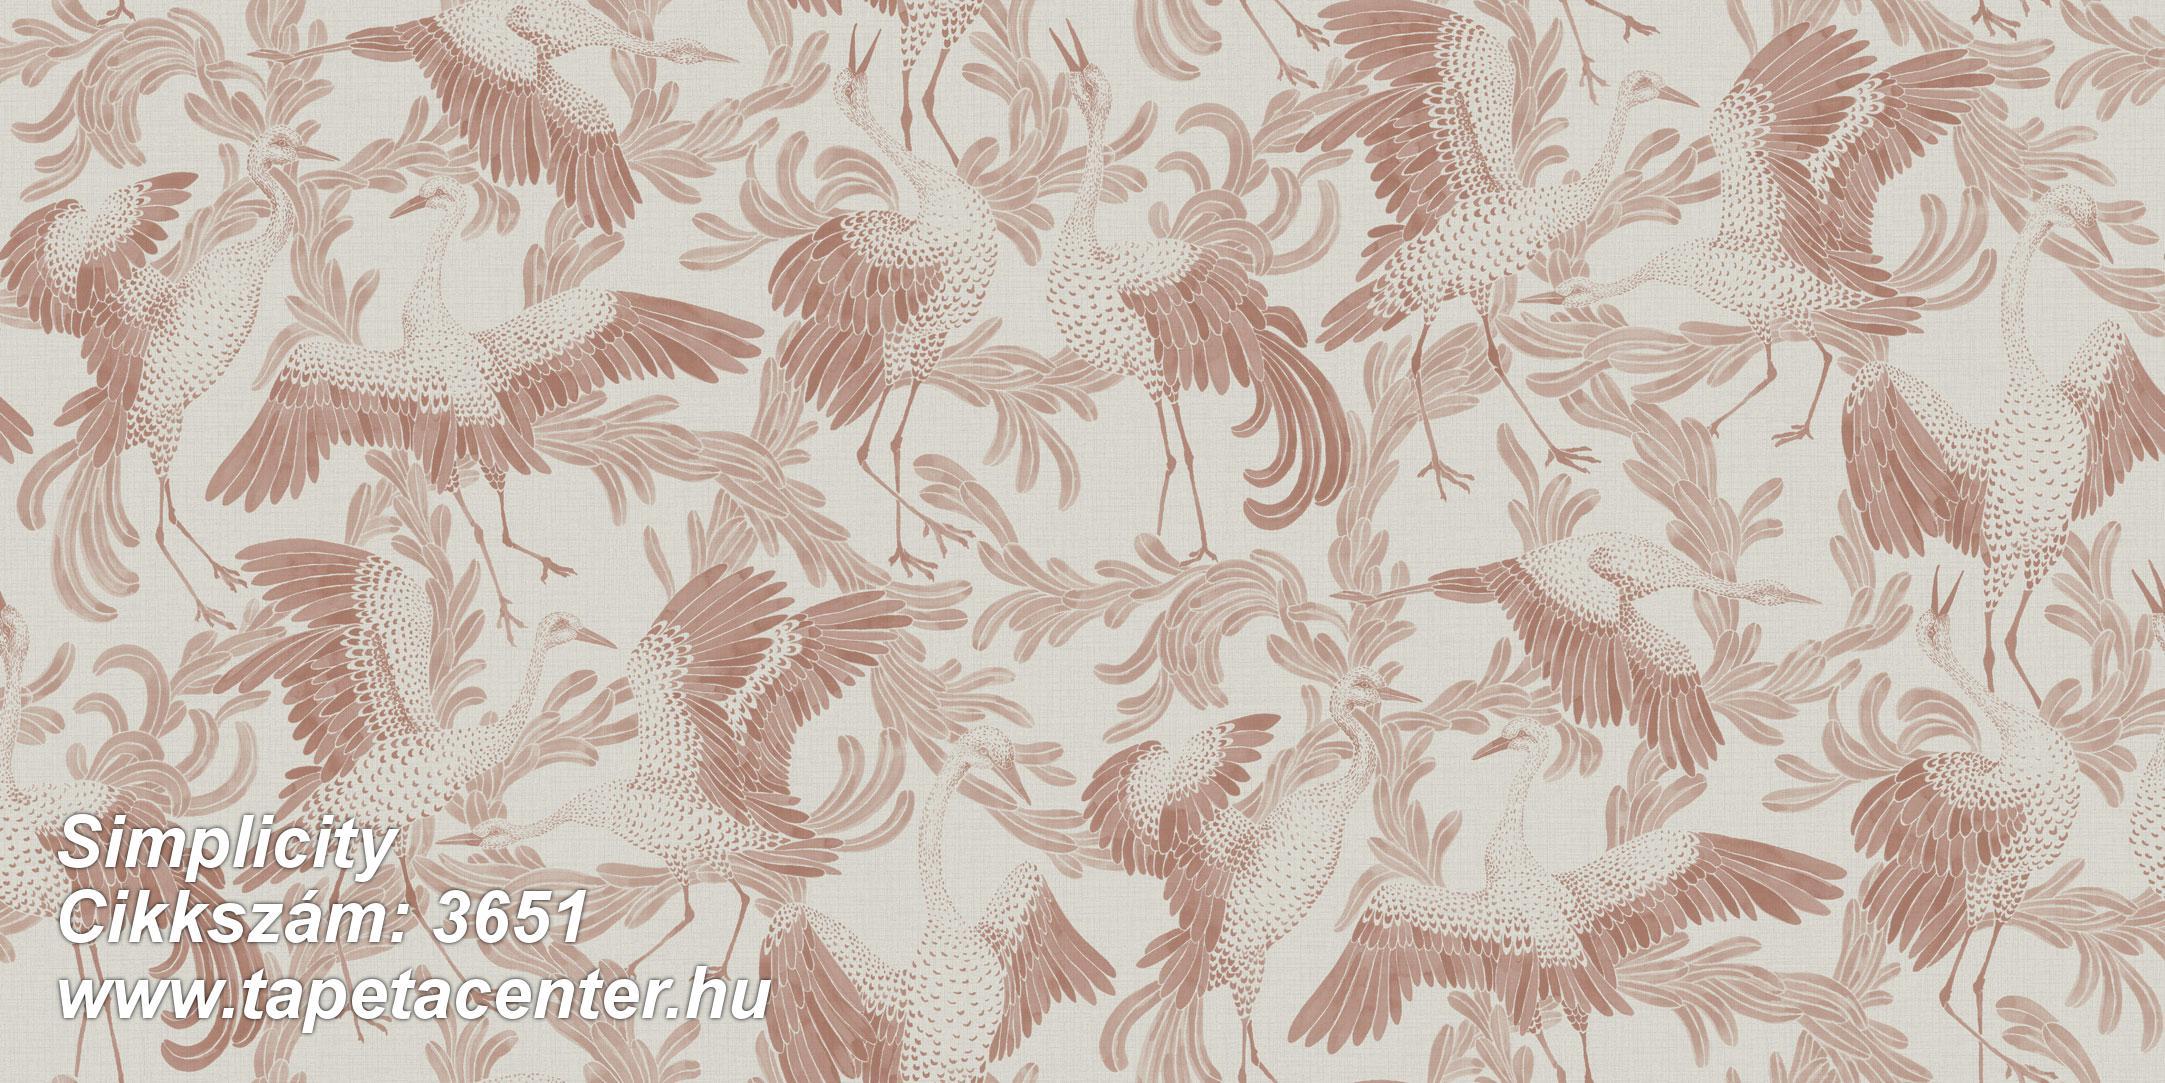 Különleges motívumos,rajzolt,természeti mintás,barna,bézs-drapp,lemosható,vlies tapéta